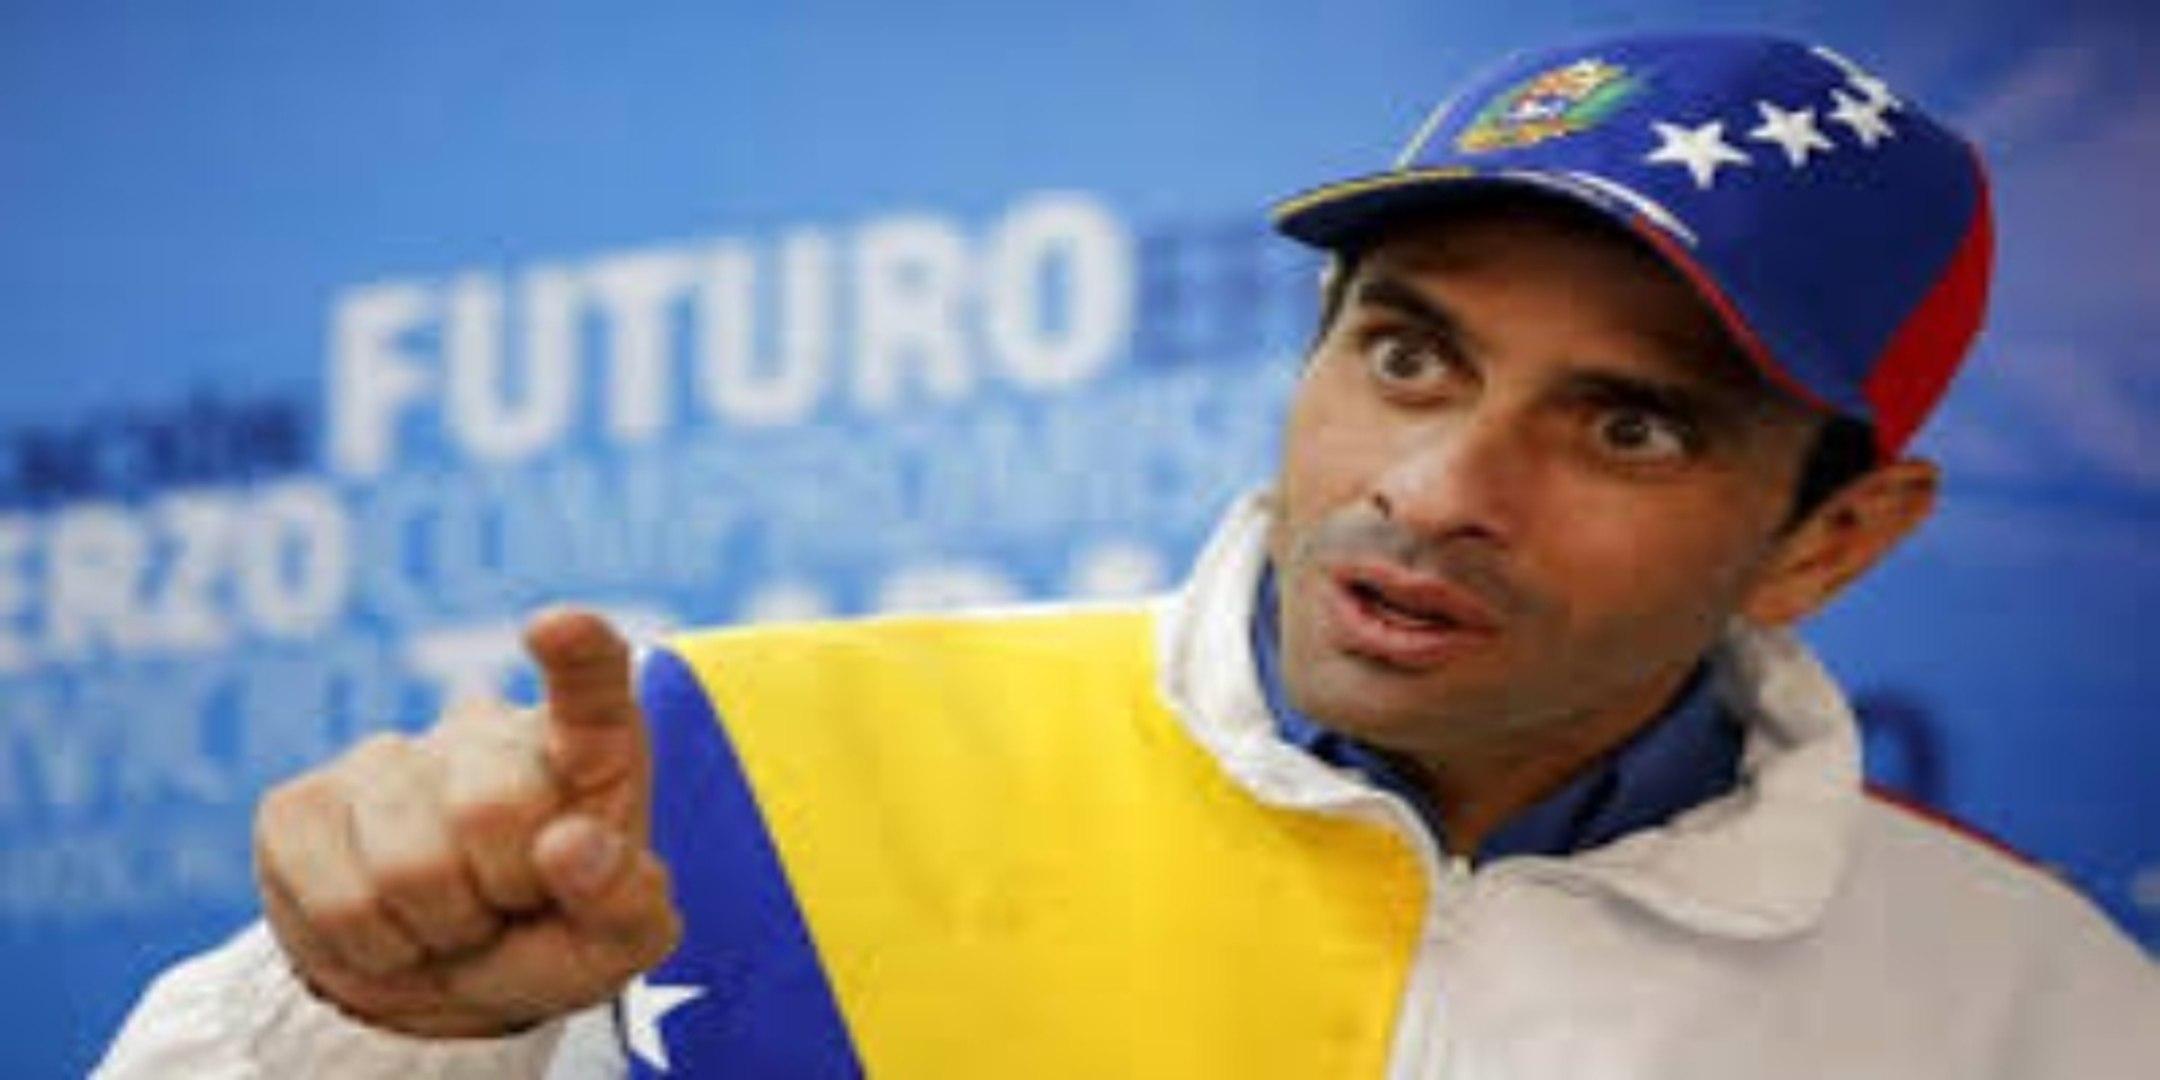 La llamada de socorro del opositor Capriles al ser retenido por una banda chavista en un aeropuerto